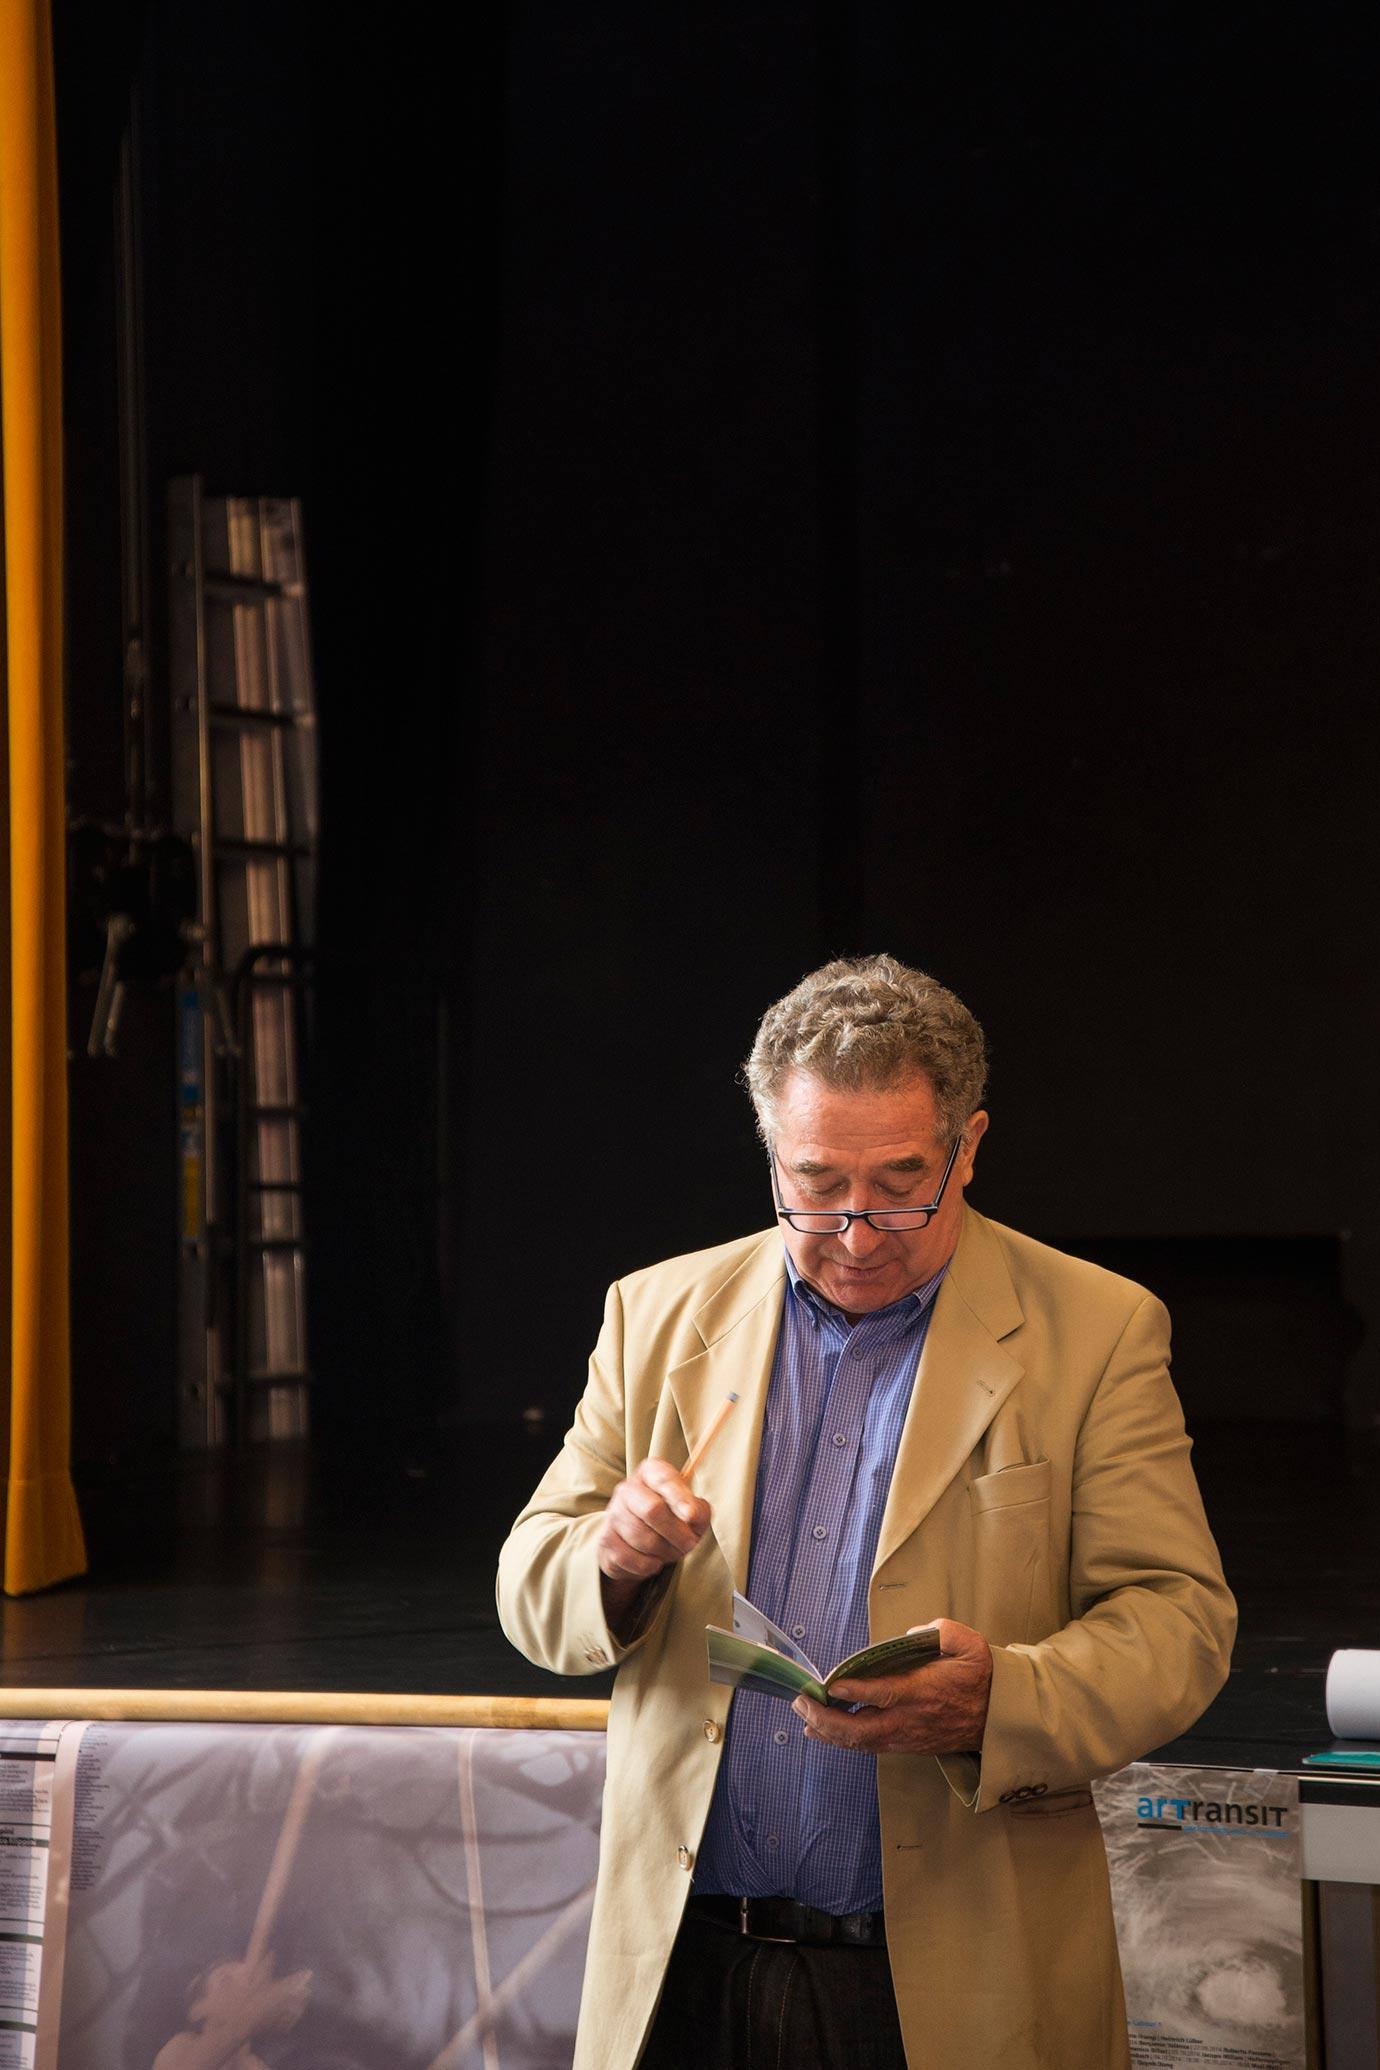 Guido Magnaguagno (Photo: Alessandro Ligato)